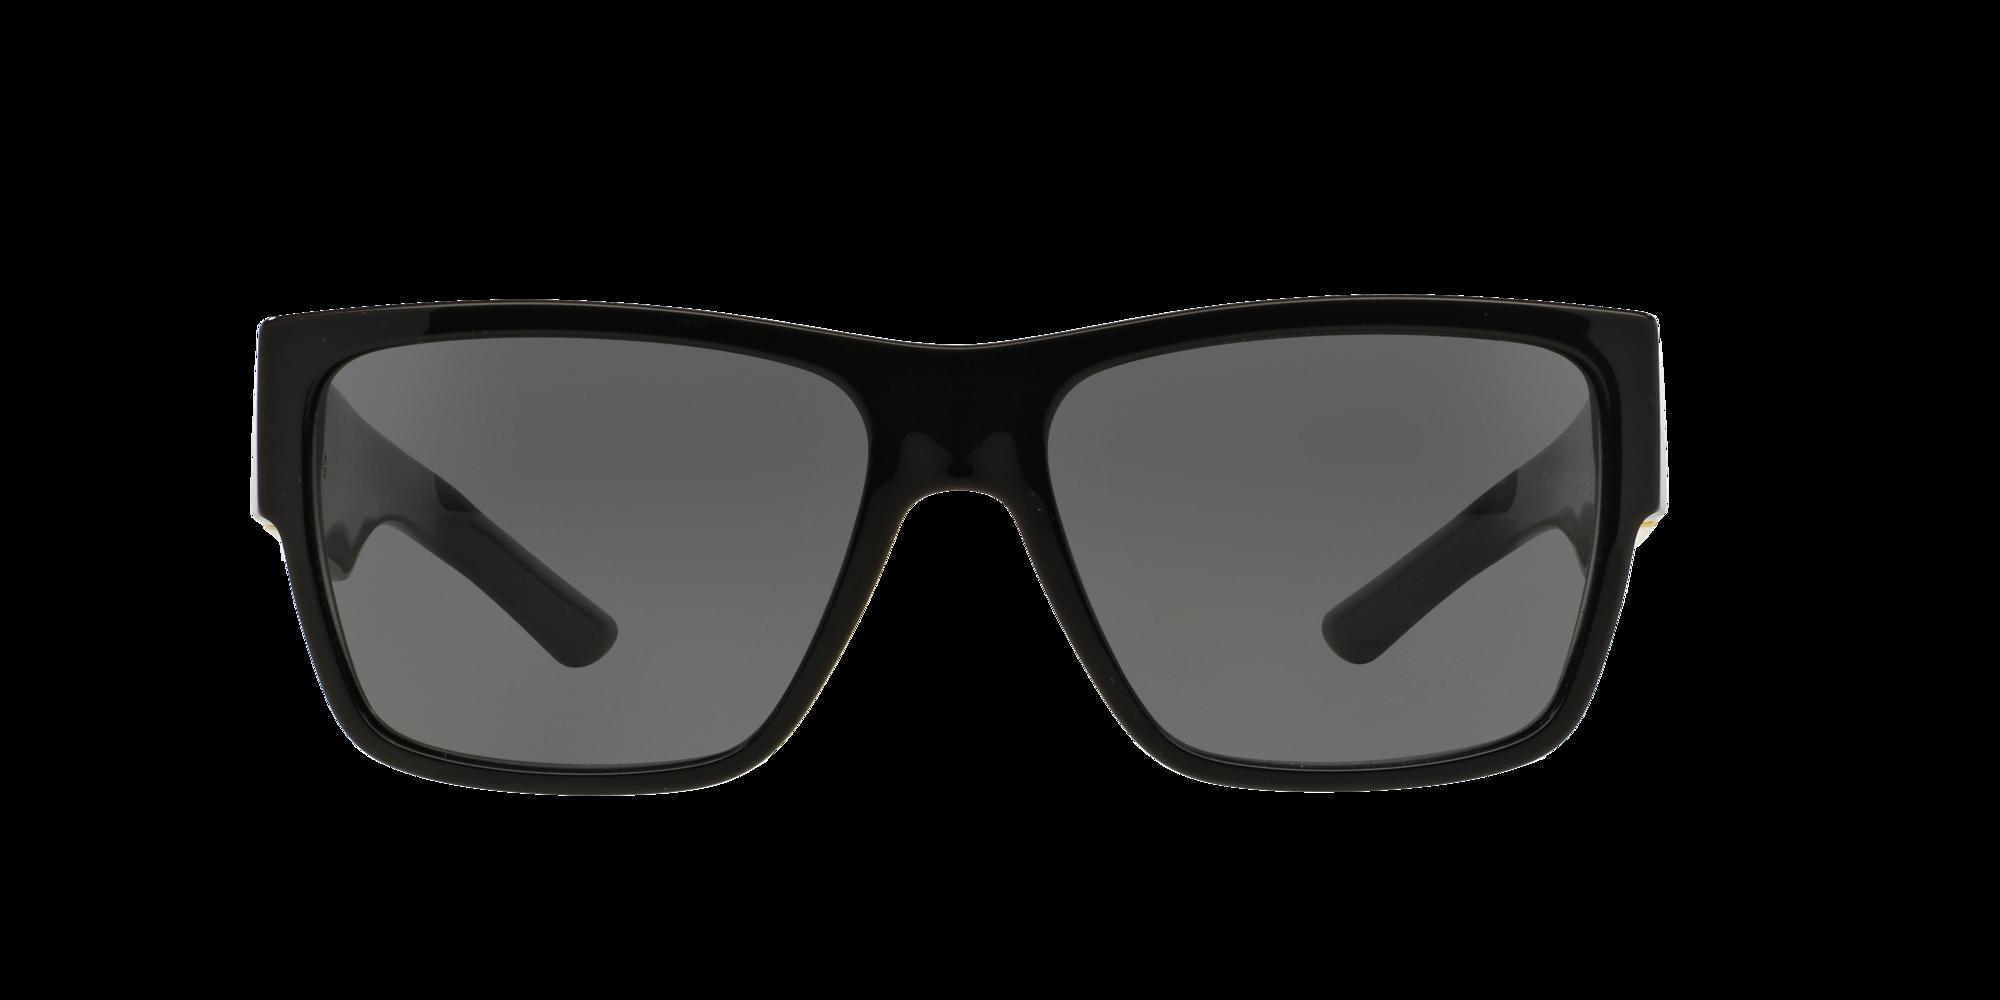 Imagen para VE4296 59 de LensCrafters |  Espejuelos, espejuelos graduados en línea, gafas